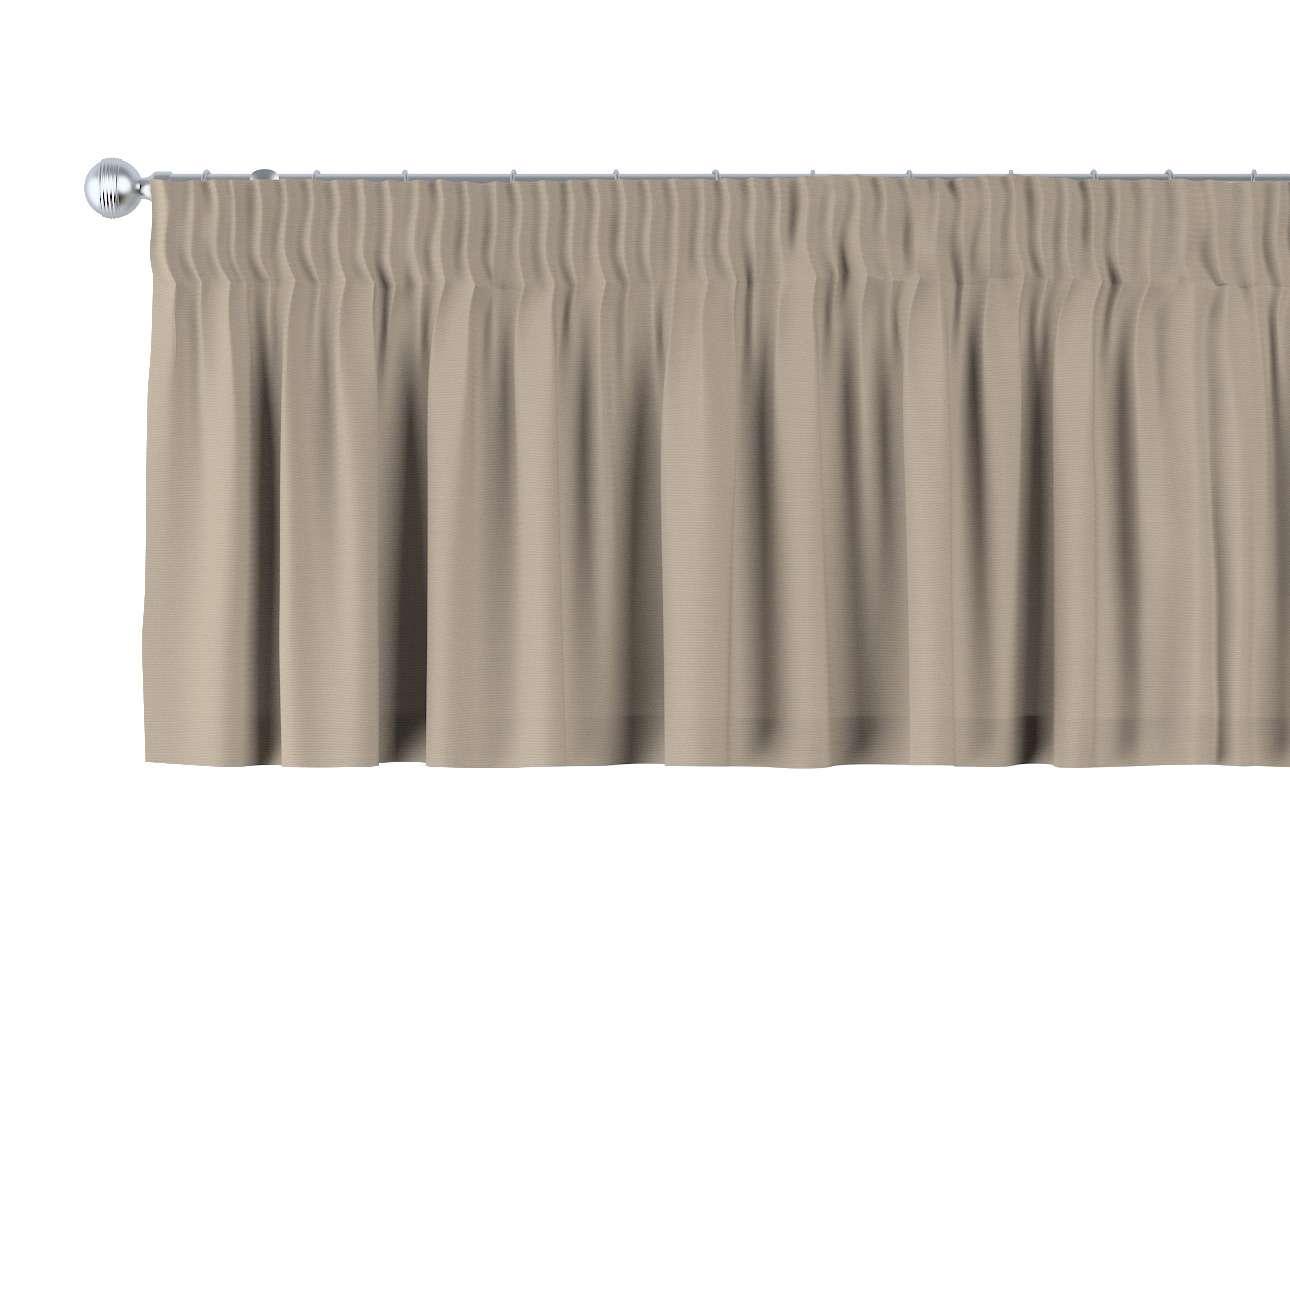 Lambrekin na taśmie marszczącej 130 x 40 cm w kolekcji Cotton Panama, tkanina: 702-28